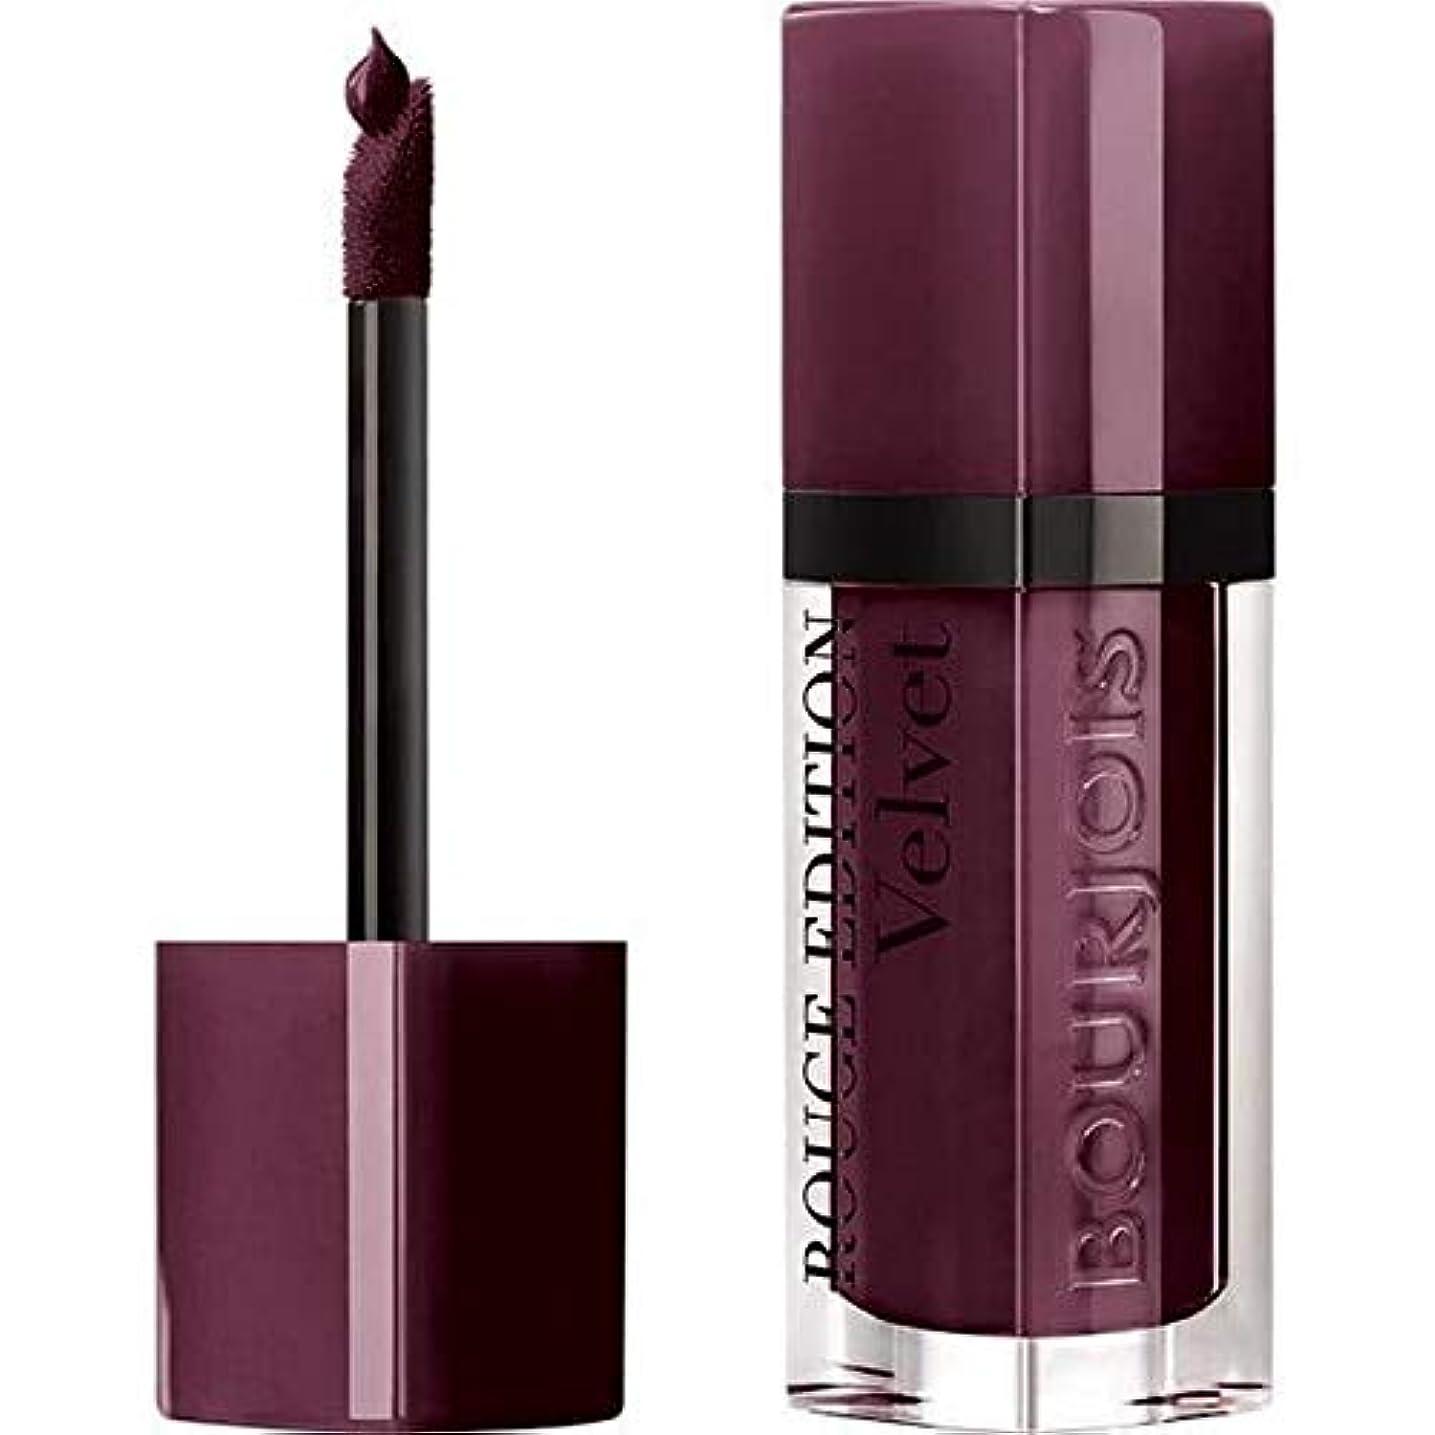 どうしたの数陰気[Bourjois ] ブルジョワ口紅ルージュ版のベルベットのシックな25ベリー - Bourjois Lipstick Rouge Edition Velvet 25 Berry Chic [並行輸入品]